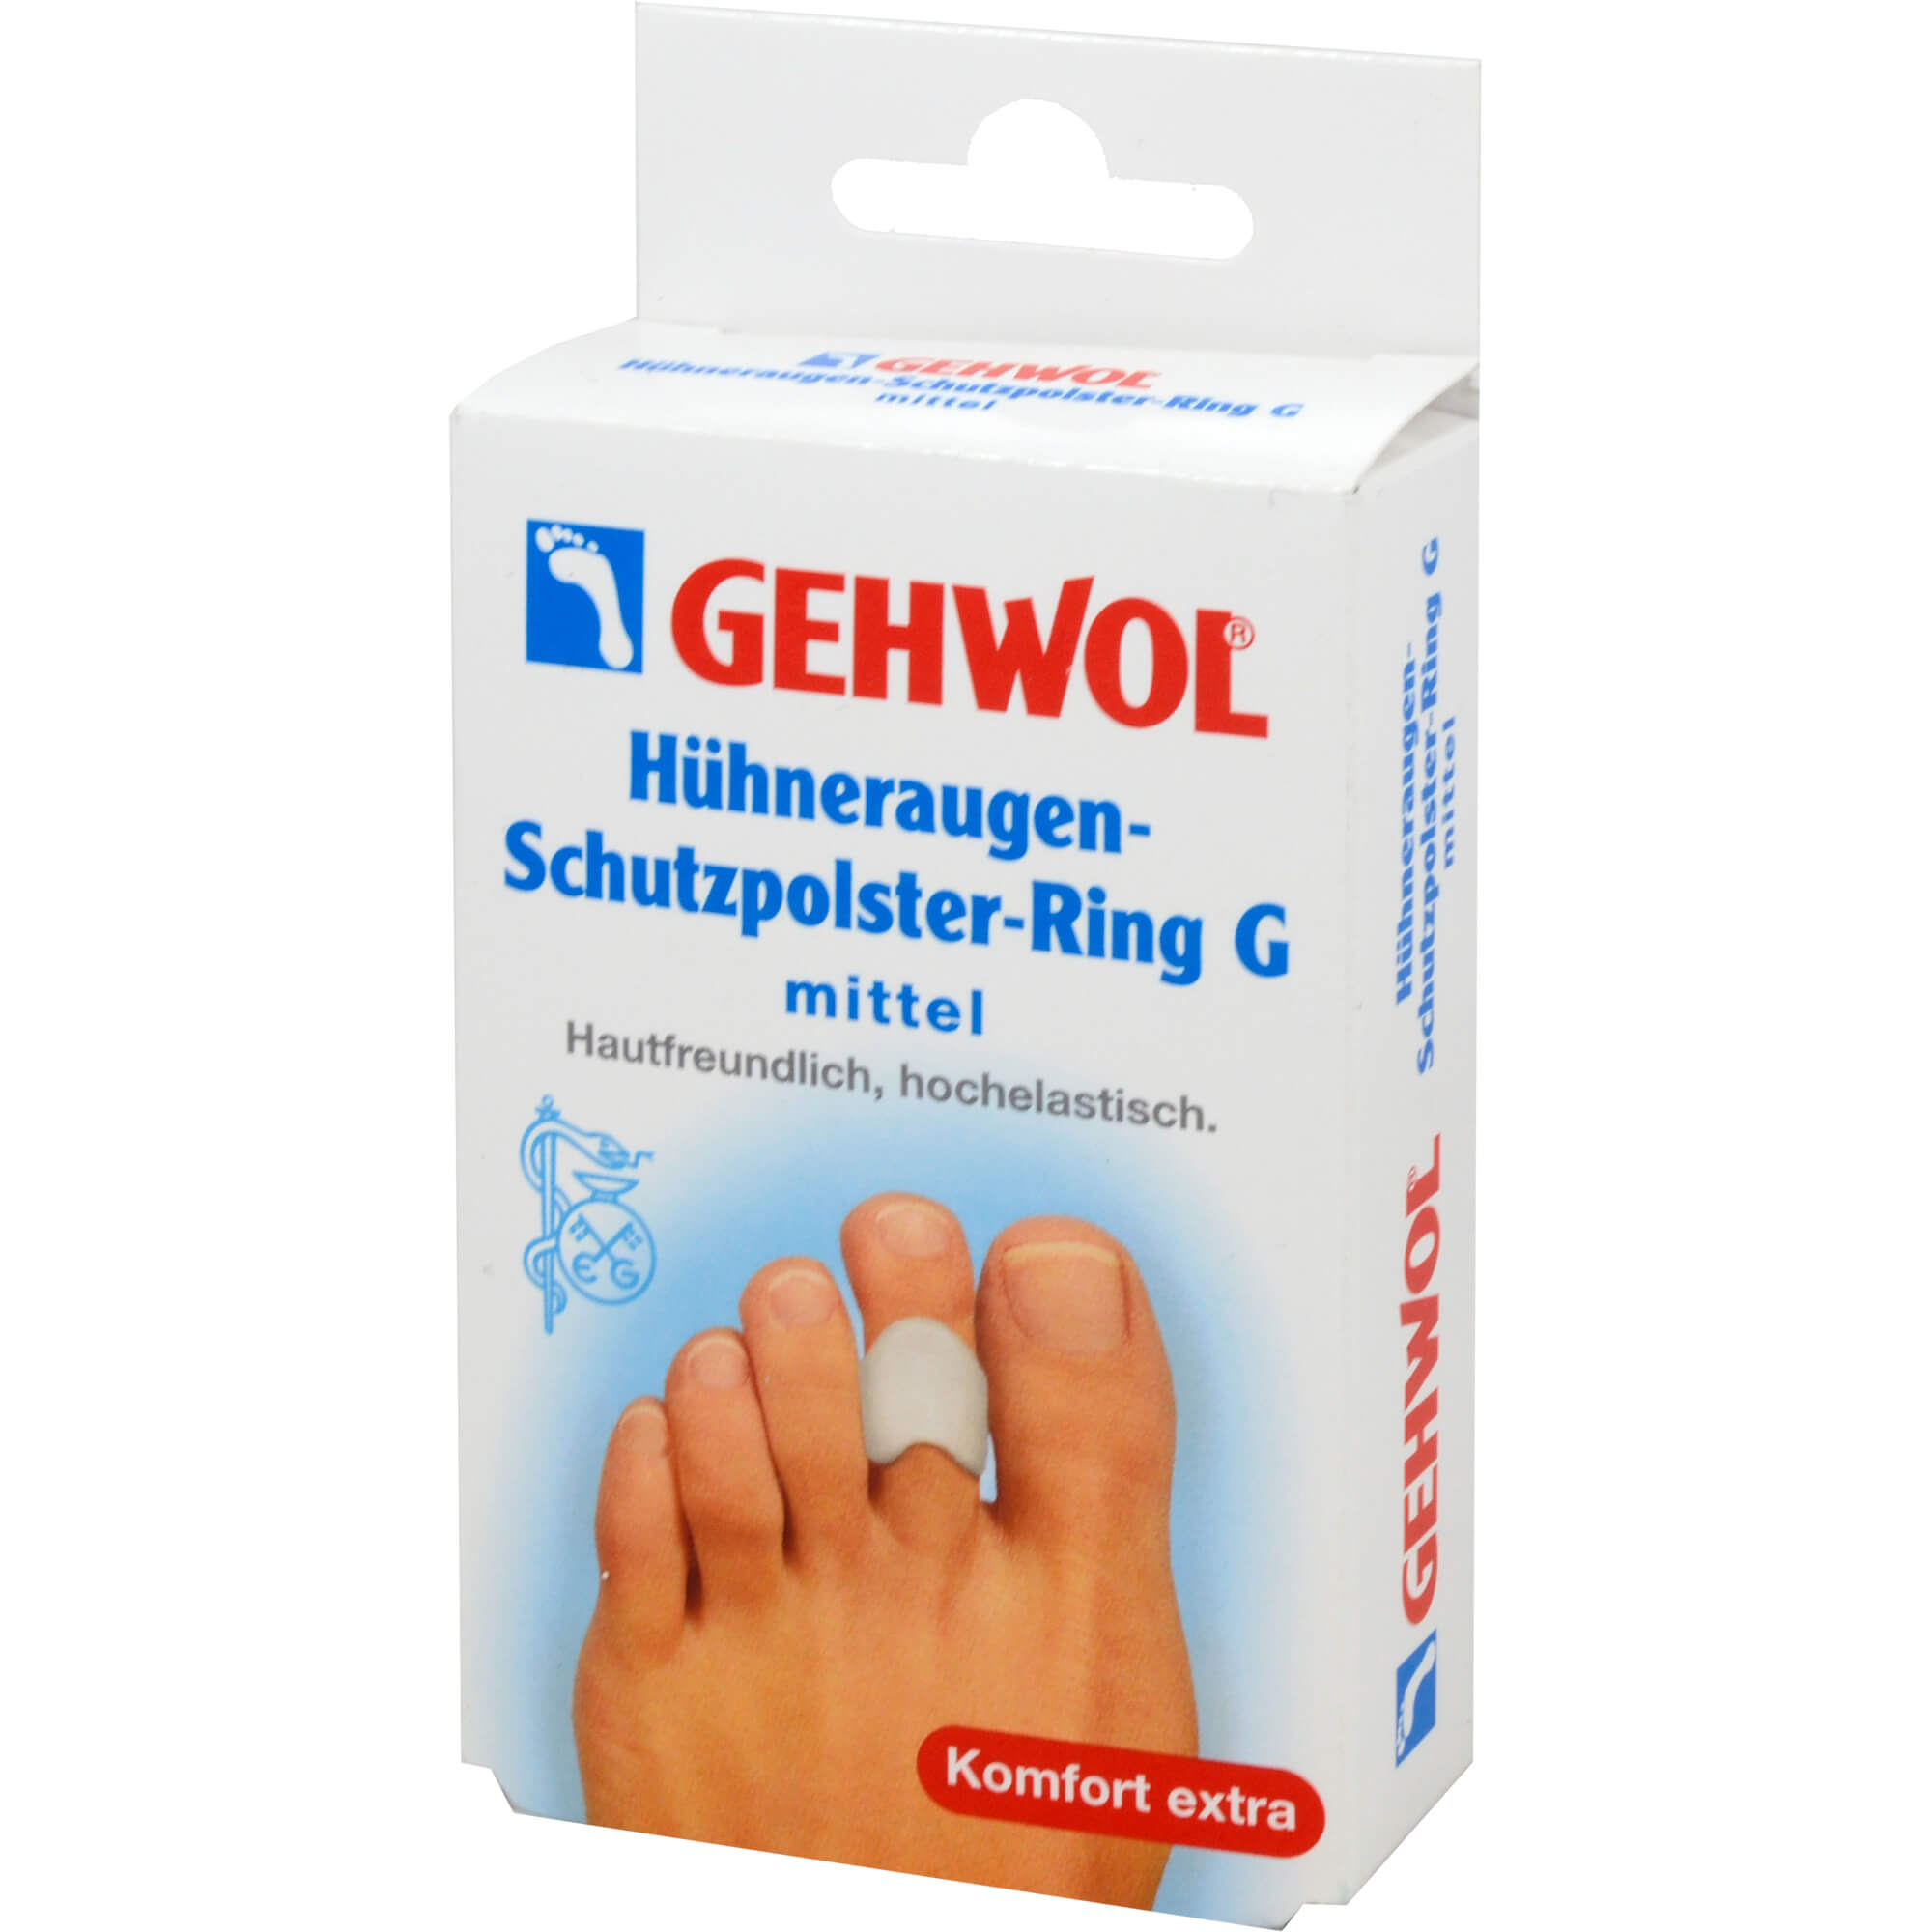 Gehwol Hühneraugen-Schutzpolster-Ring G